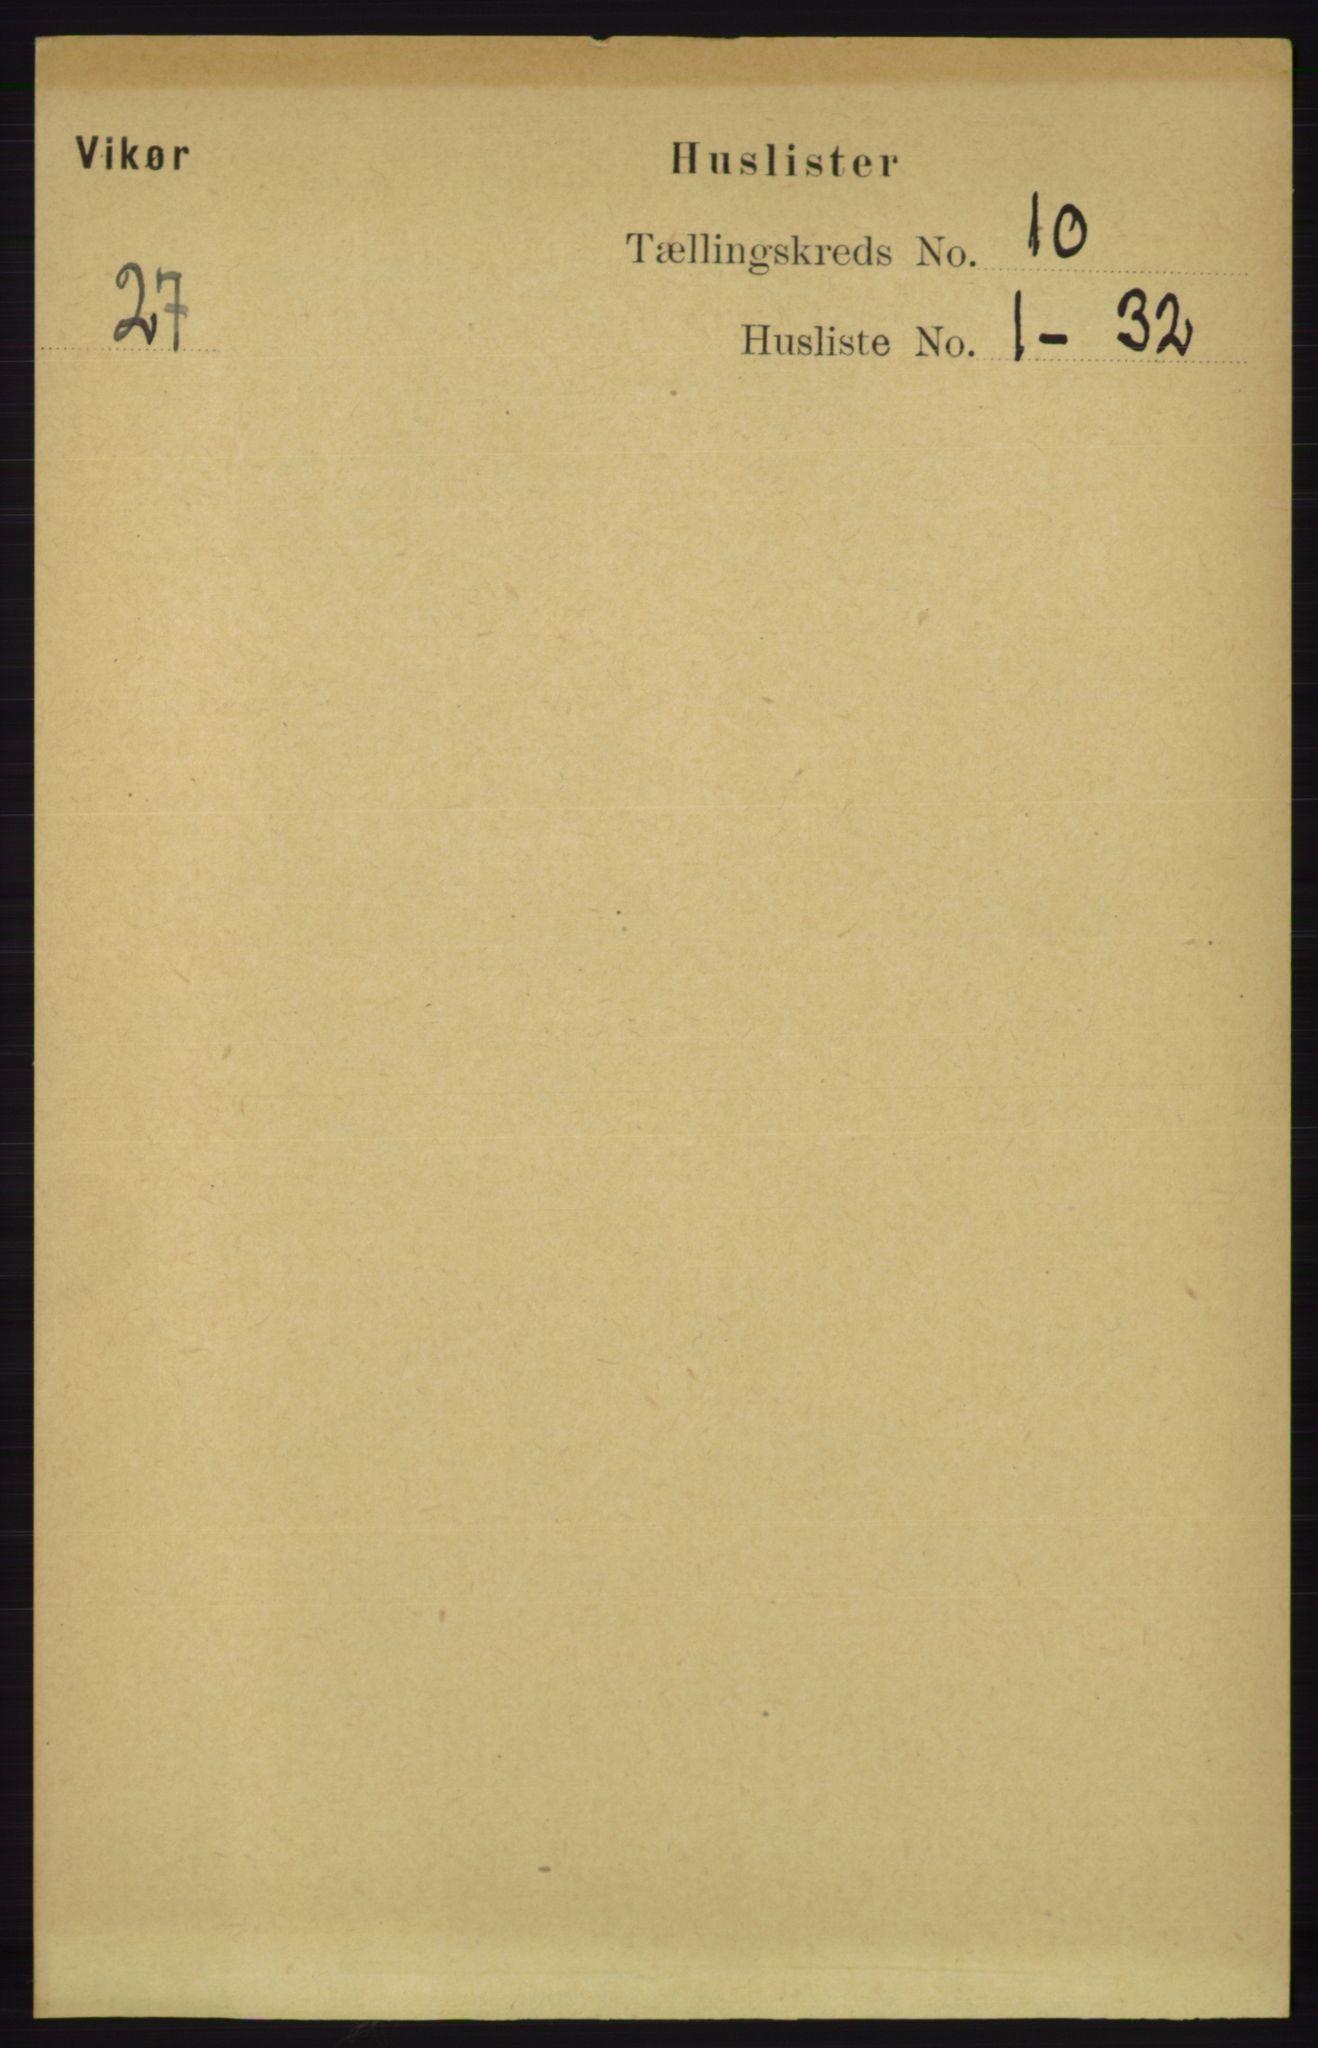 RA, Folketelling 1891 for 1238 Vikør herred, 1891, s. 2901